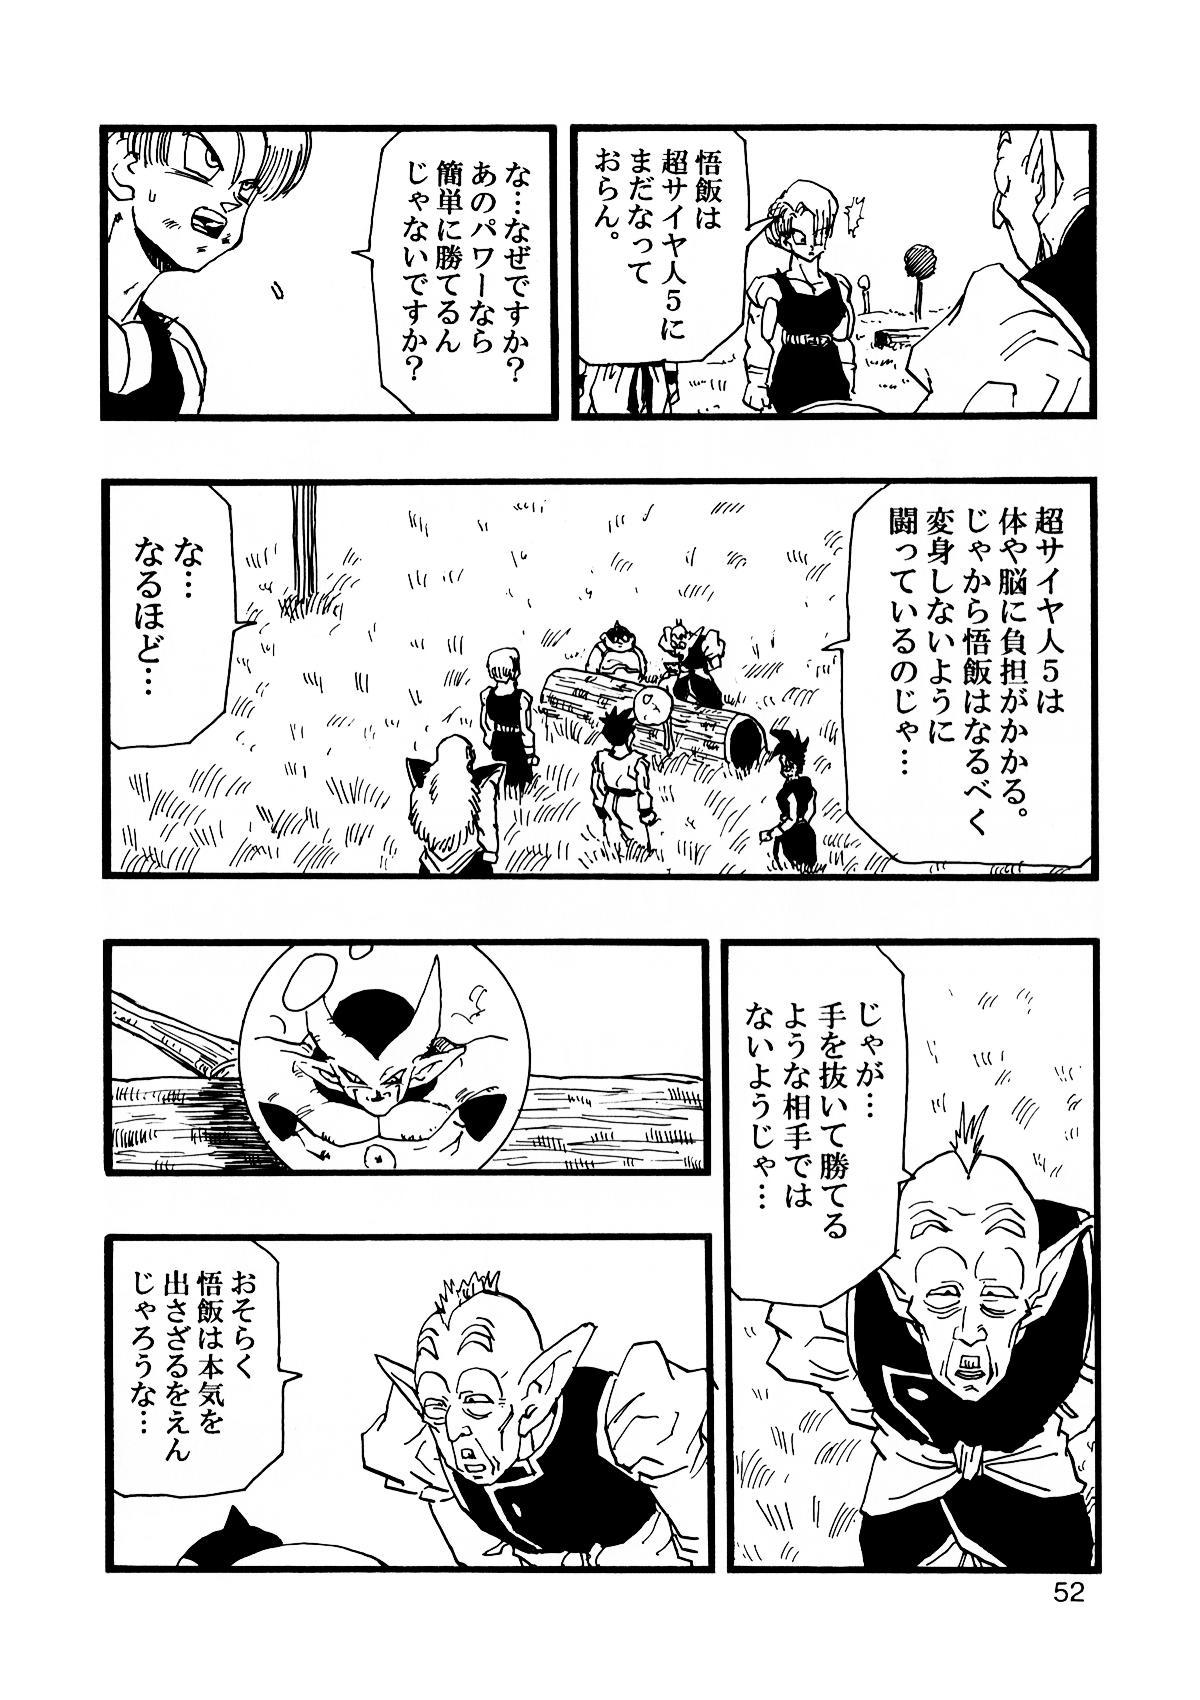 Dragon Ball AF Vol. 12 52